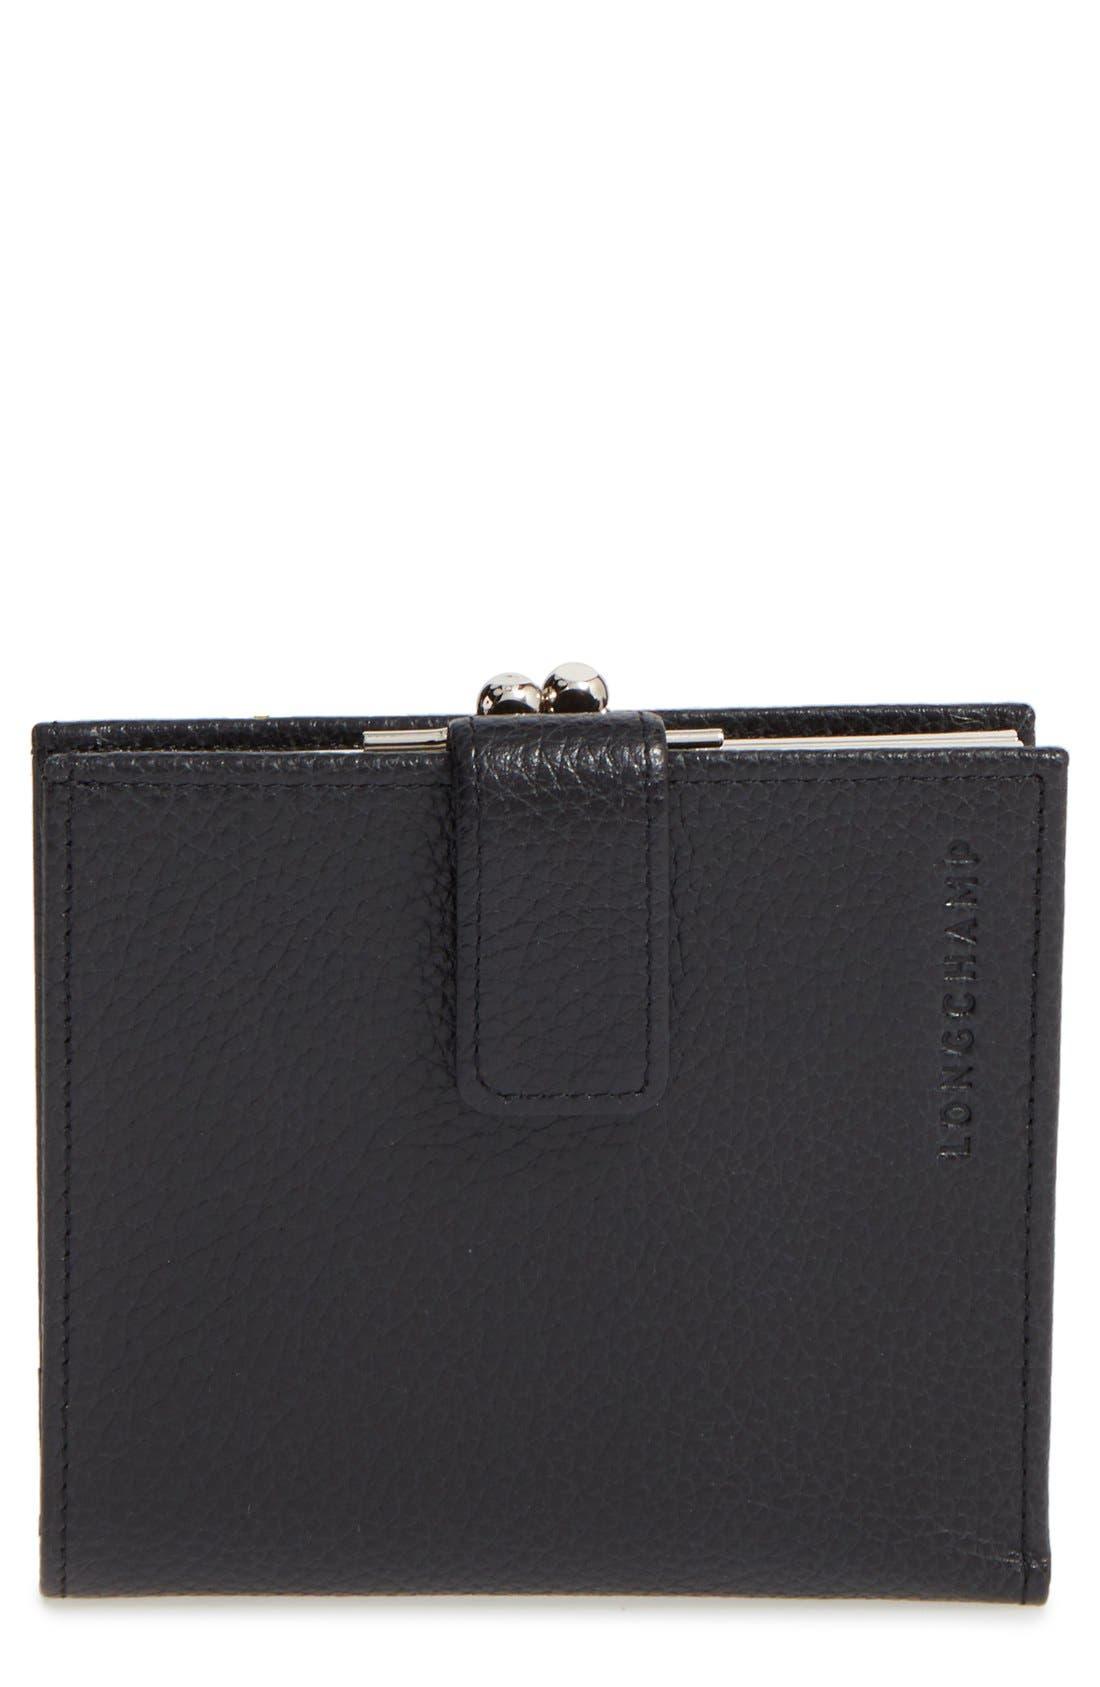 Main Image - Longchamp 'Le Foulonne' Pebbled Leather Wallet